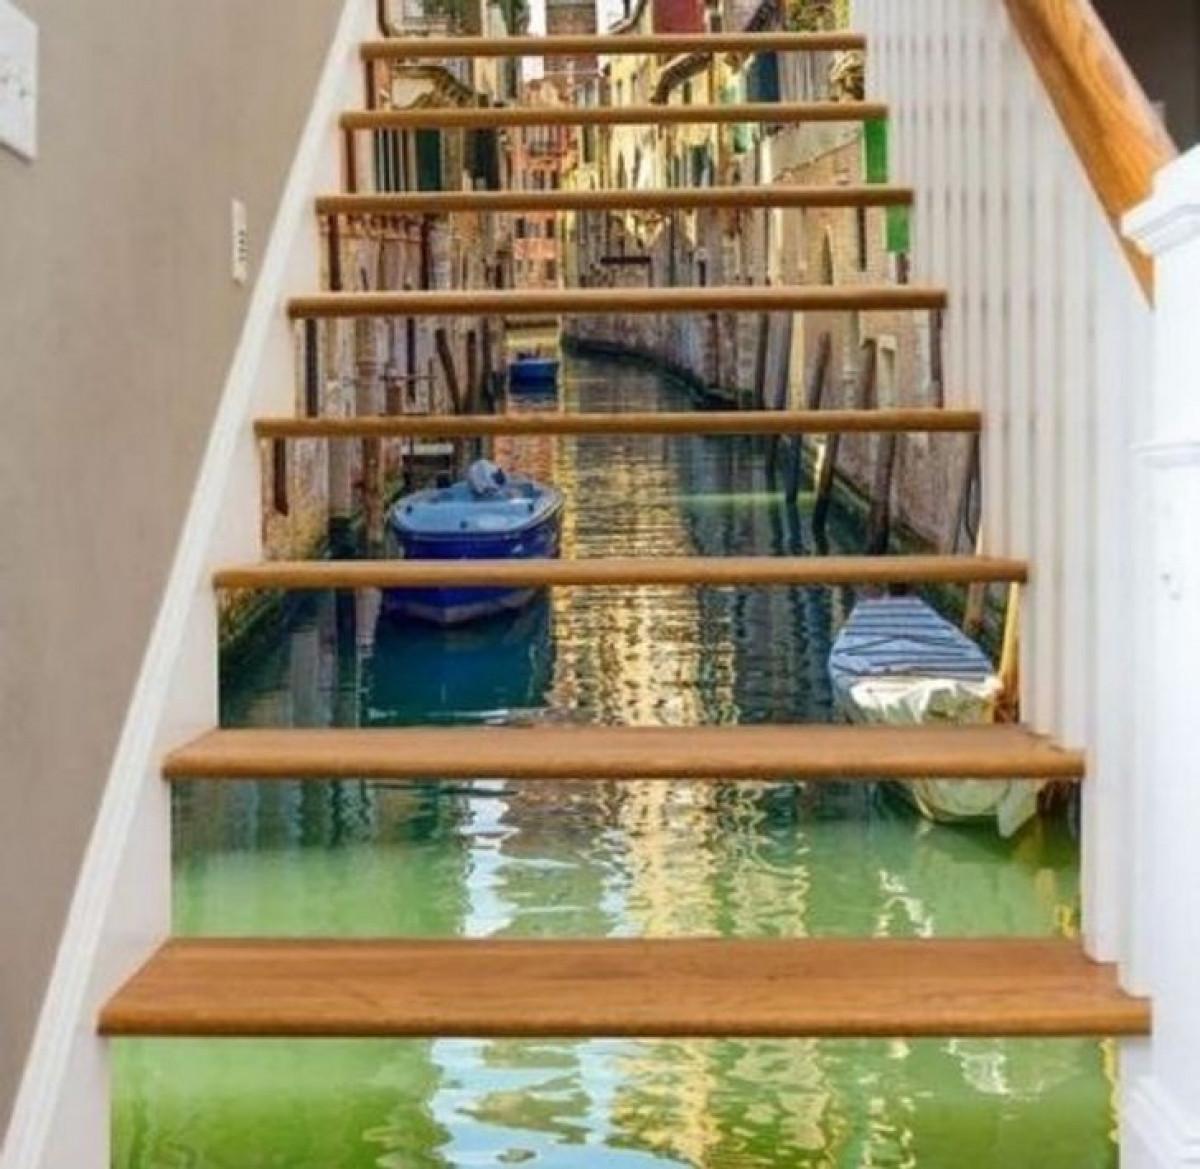 Thêm khung cảnh đường phố vào cầu thang của bạn.